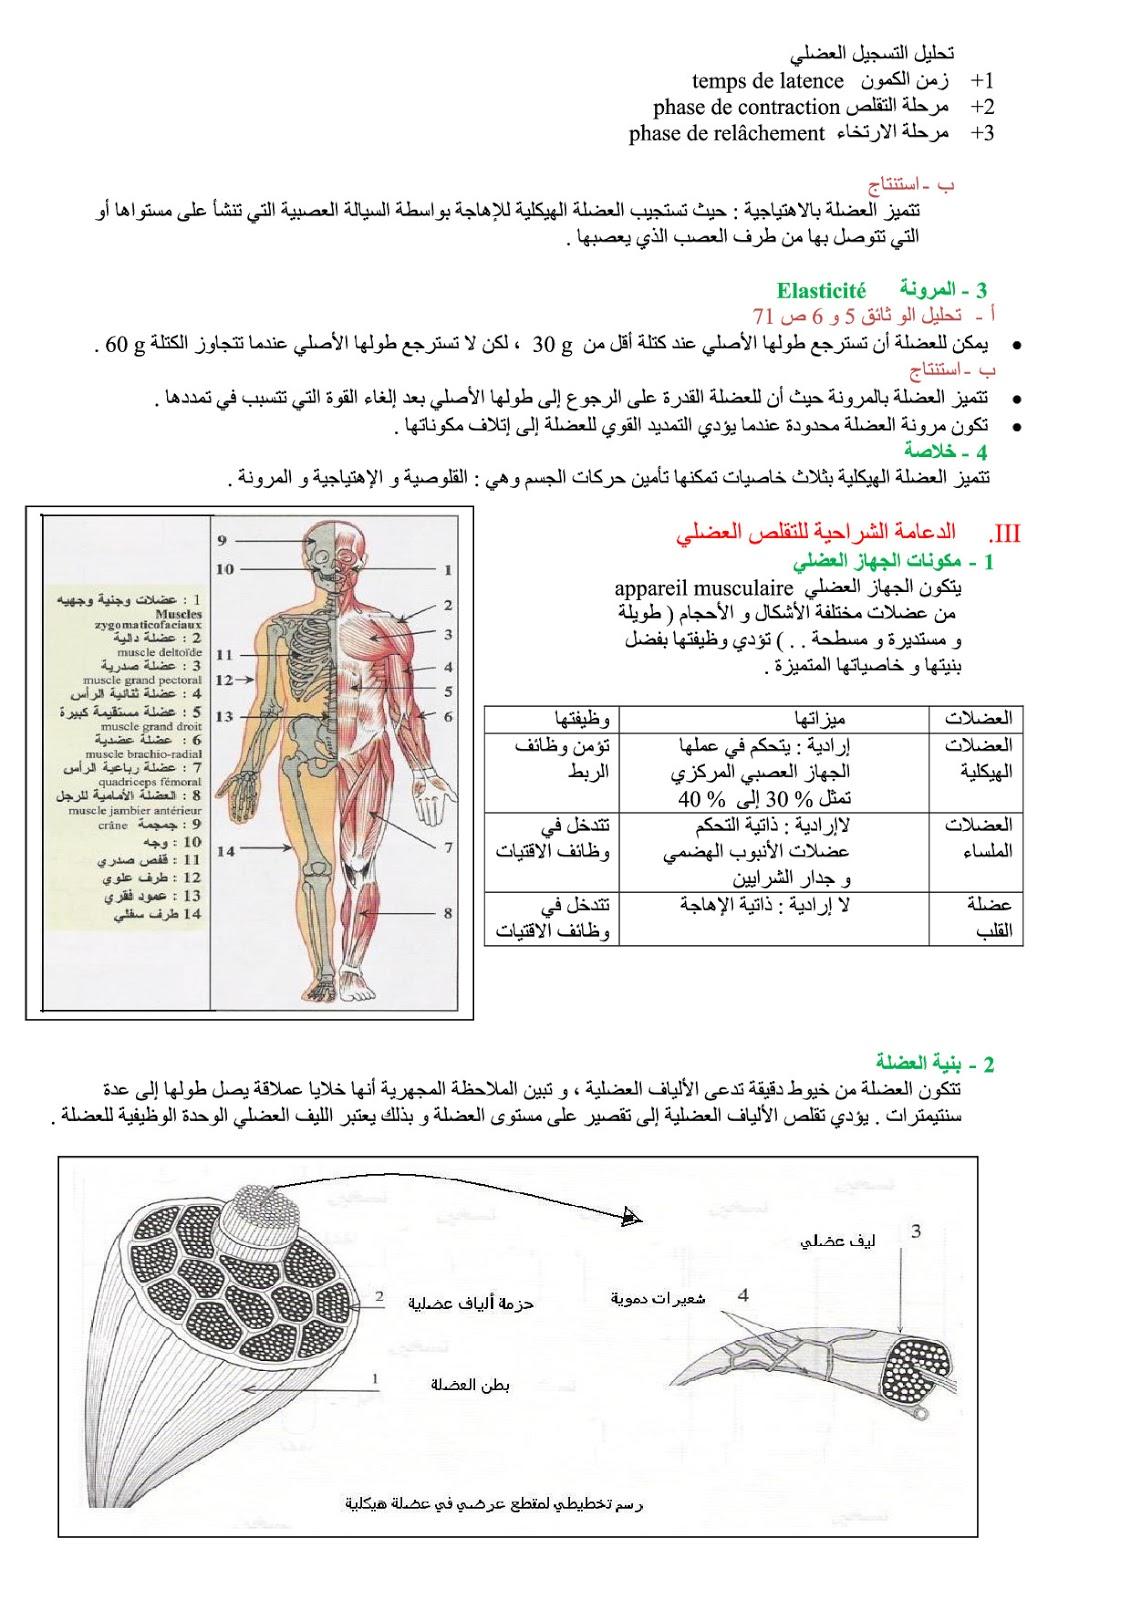 تلخيص درس الجهاز العضلي للسنة الثالثة إعدادي